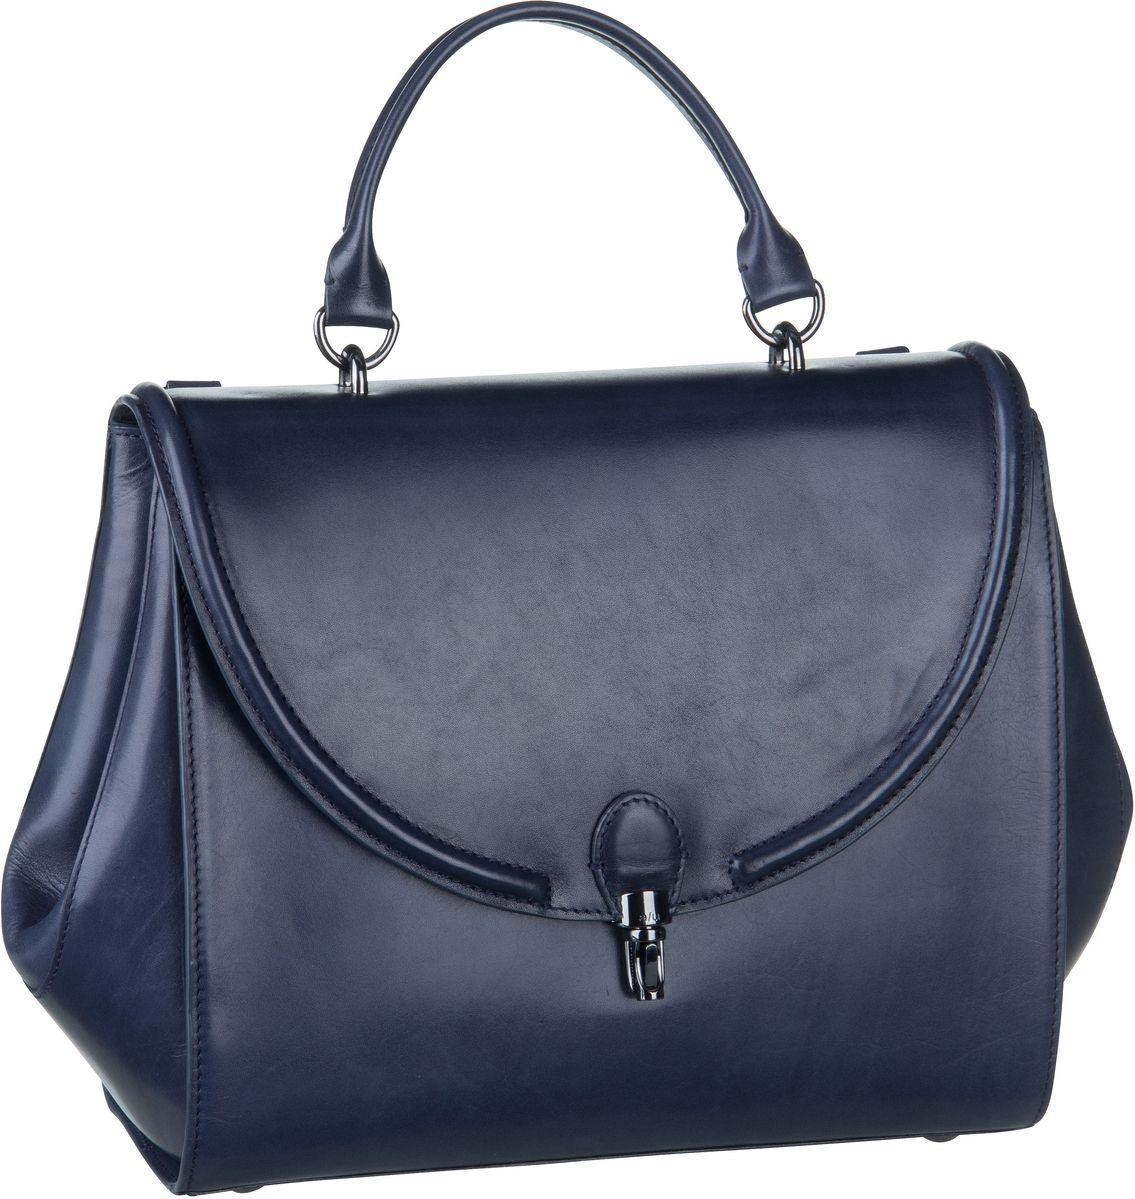 Handtasche Charlotte Marine